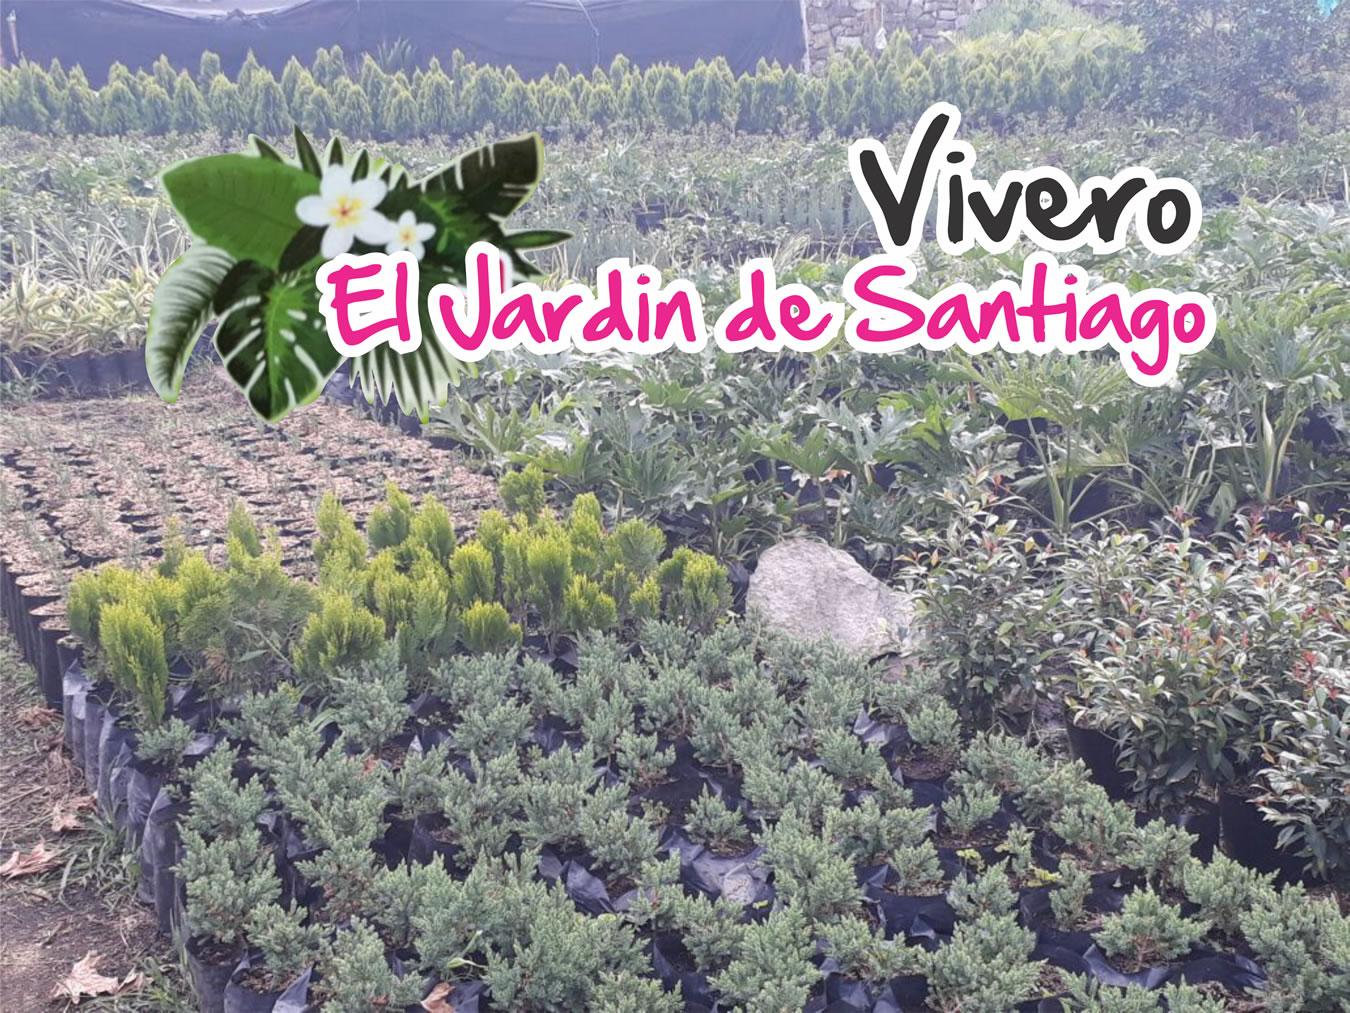 Pagina oficial vivero el jardin de santiago for Vivero tu jardin